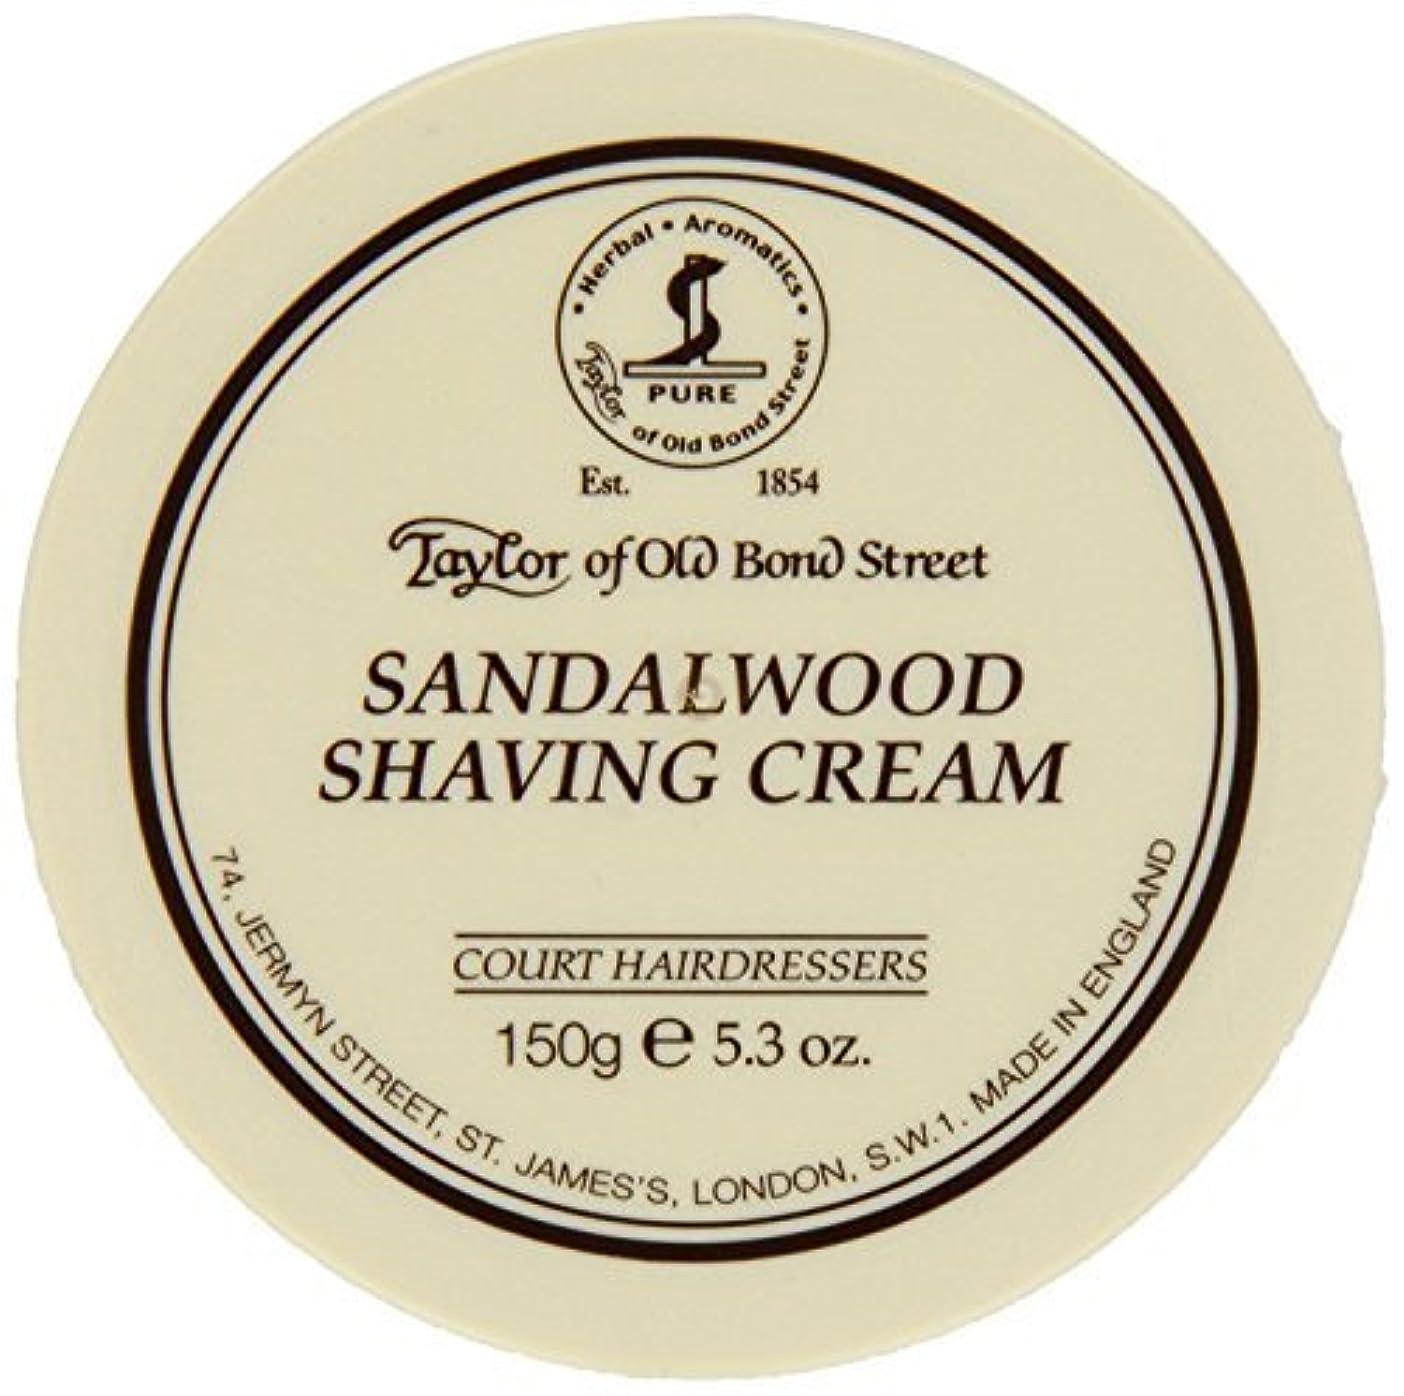 ホテル初心者警戒Taylor of Old Bond Street SHAVING CREAM for SANDALWOOD 150g x 2 Bowls by Taylor of Old Bond Street [並行輸入品]